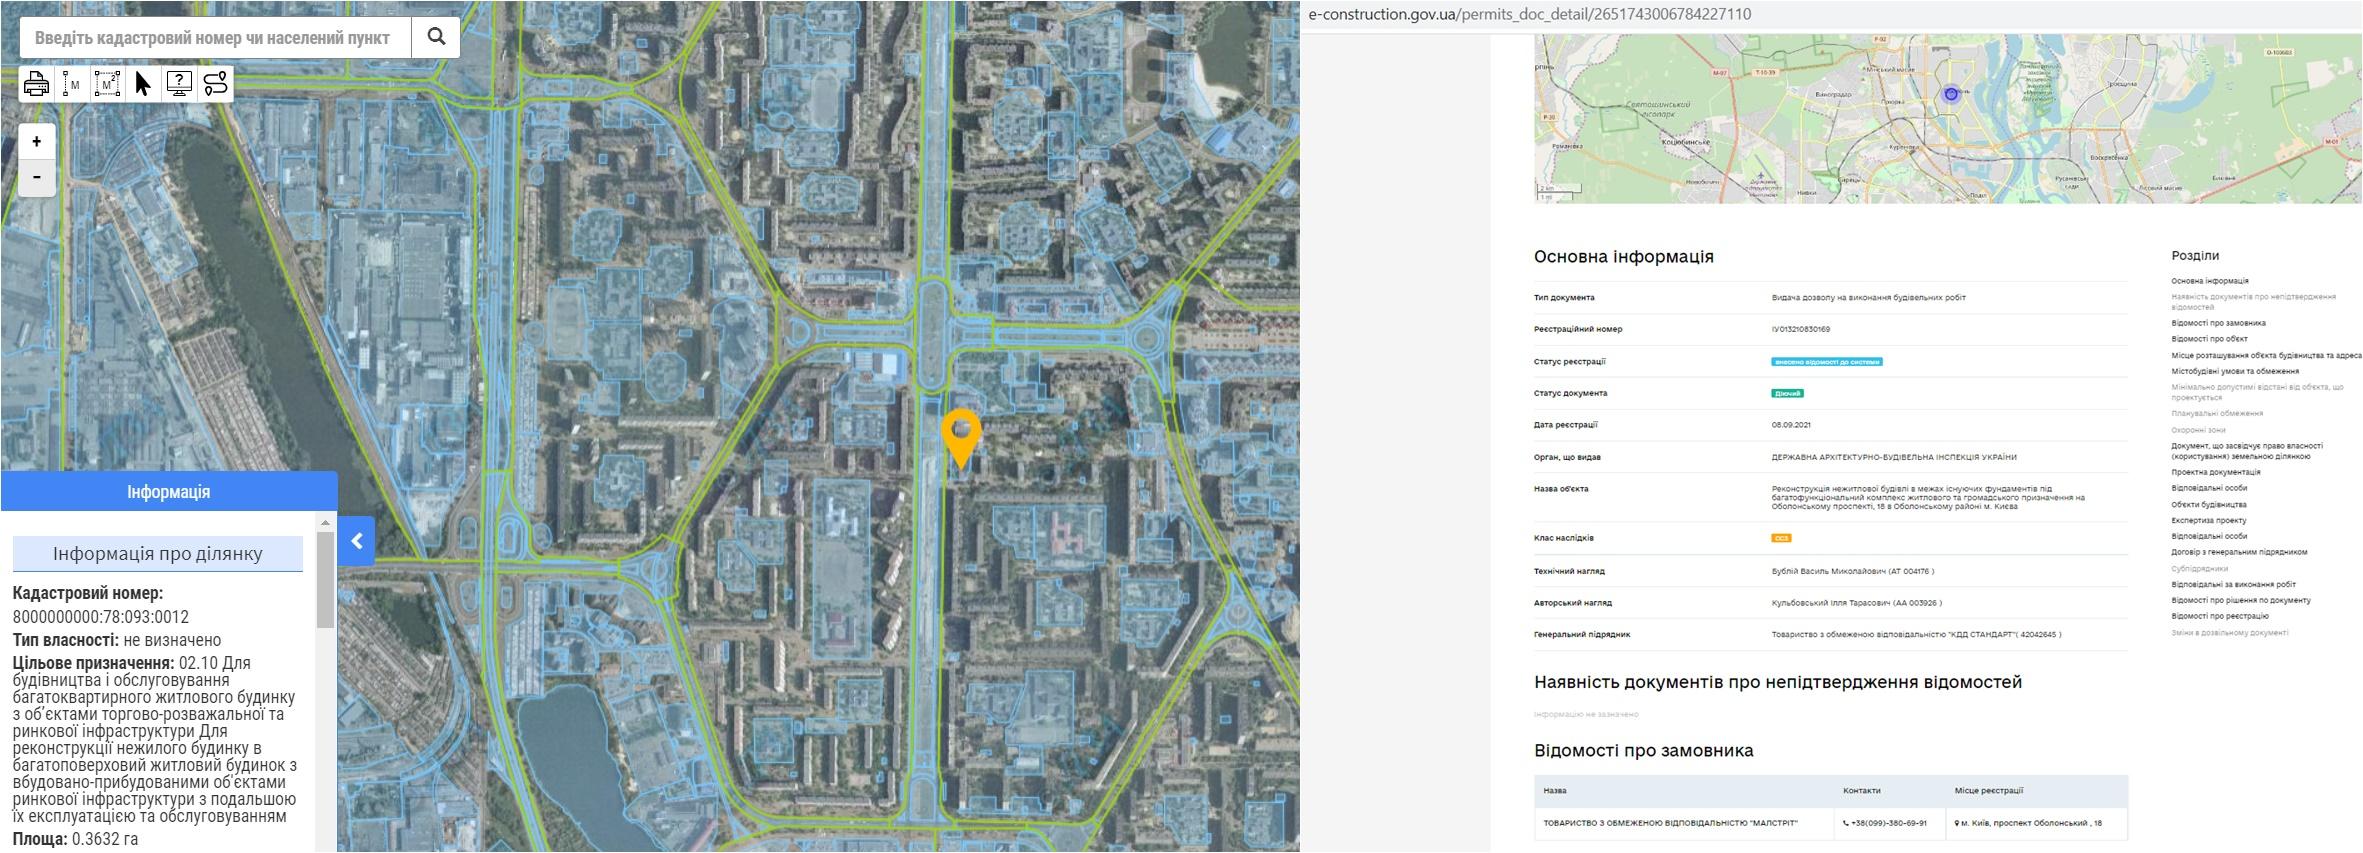 Будущий ЖК на Оболонском проспекте, 18 данные кадастра и Разрешение в реестре